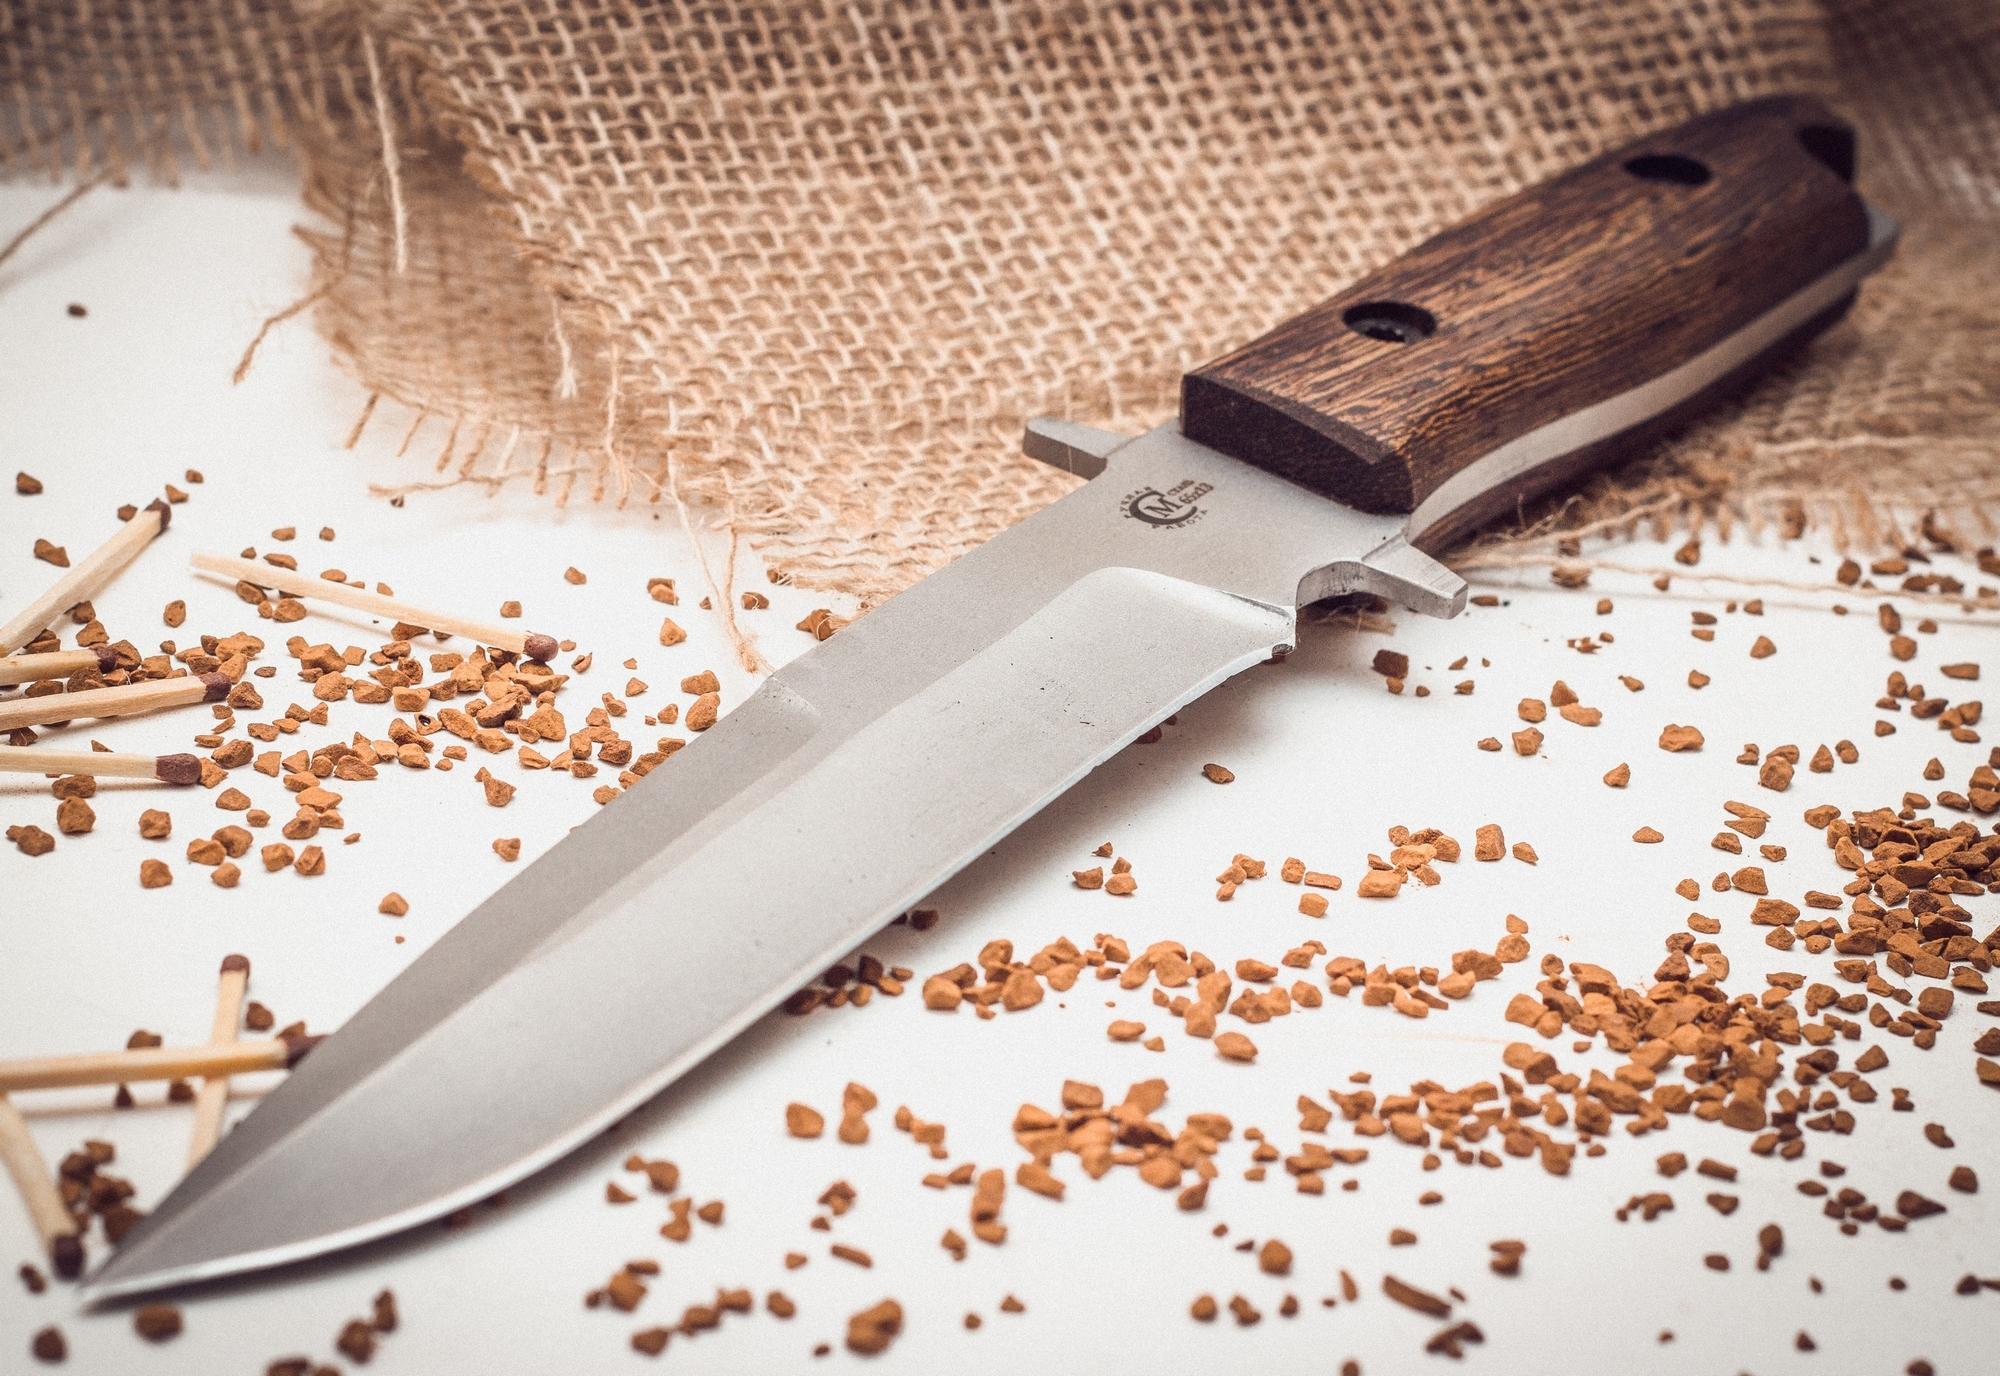 Фото 6 - Нож Командор с отверстием для темляка от Кузница Семина